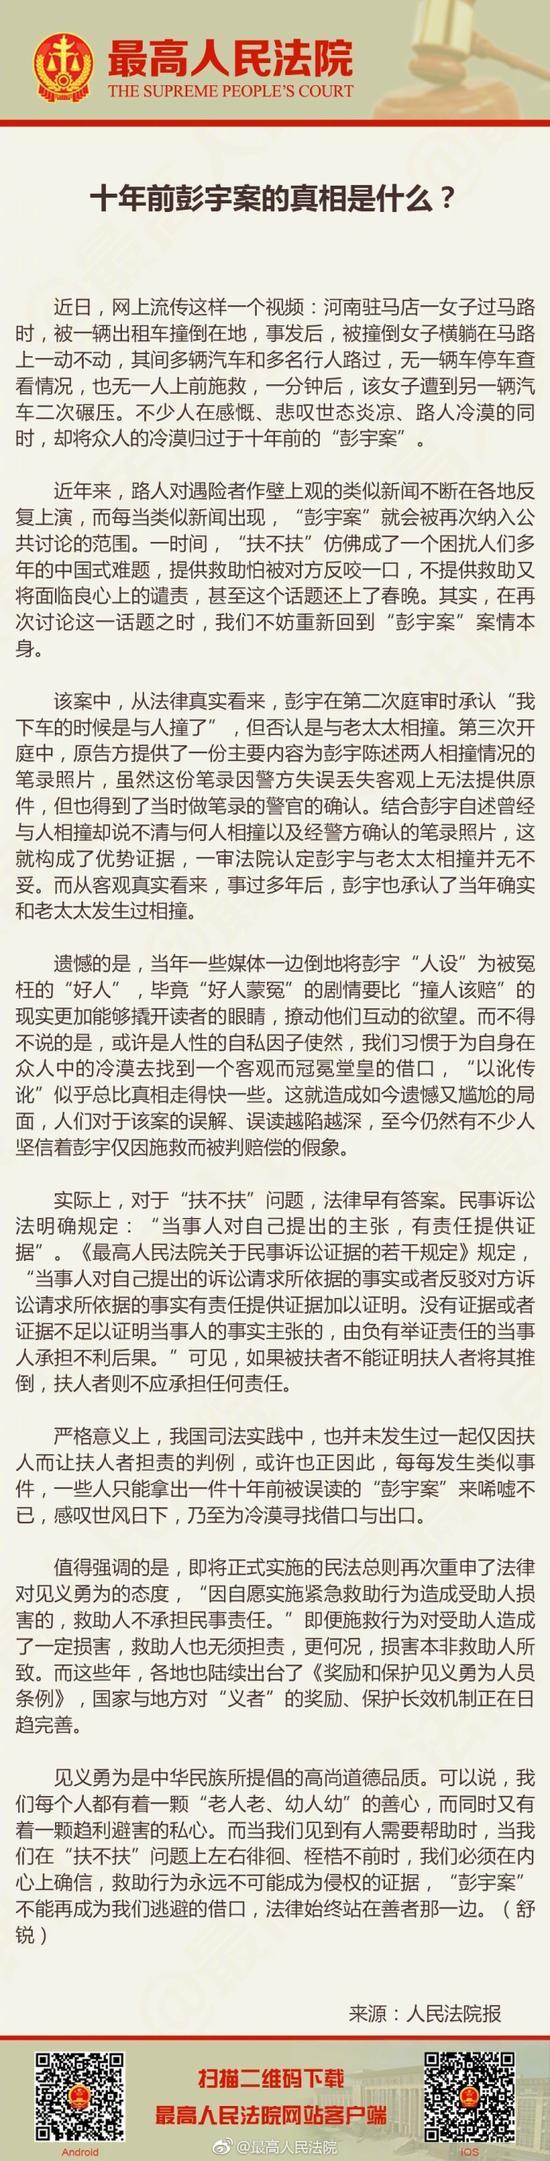 *屏蔽的关键字*北京赛车游戏